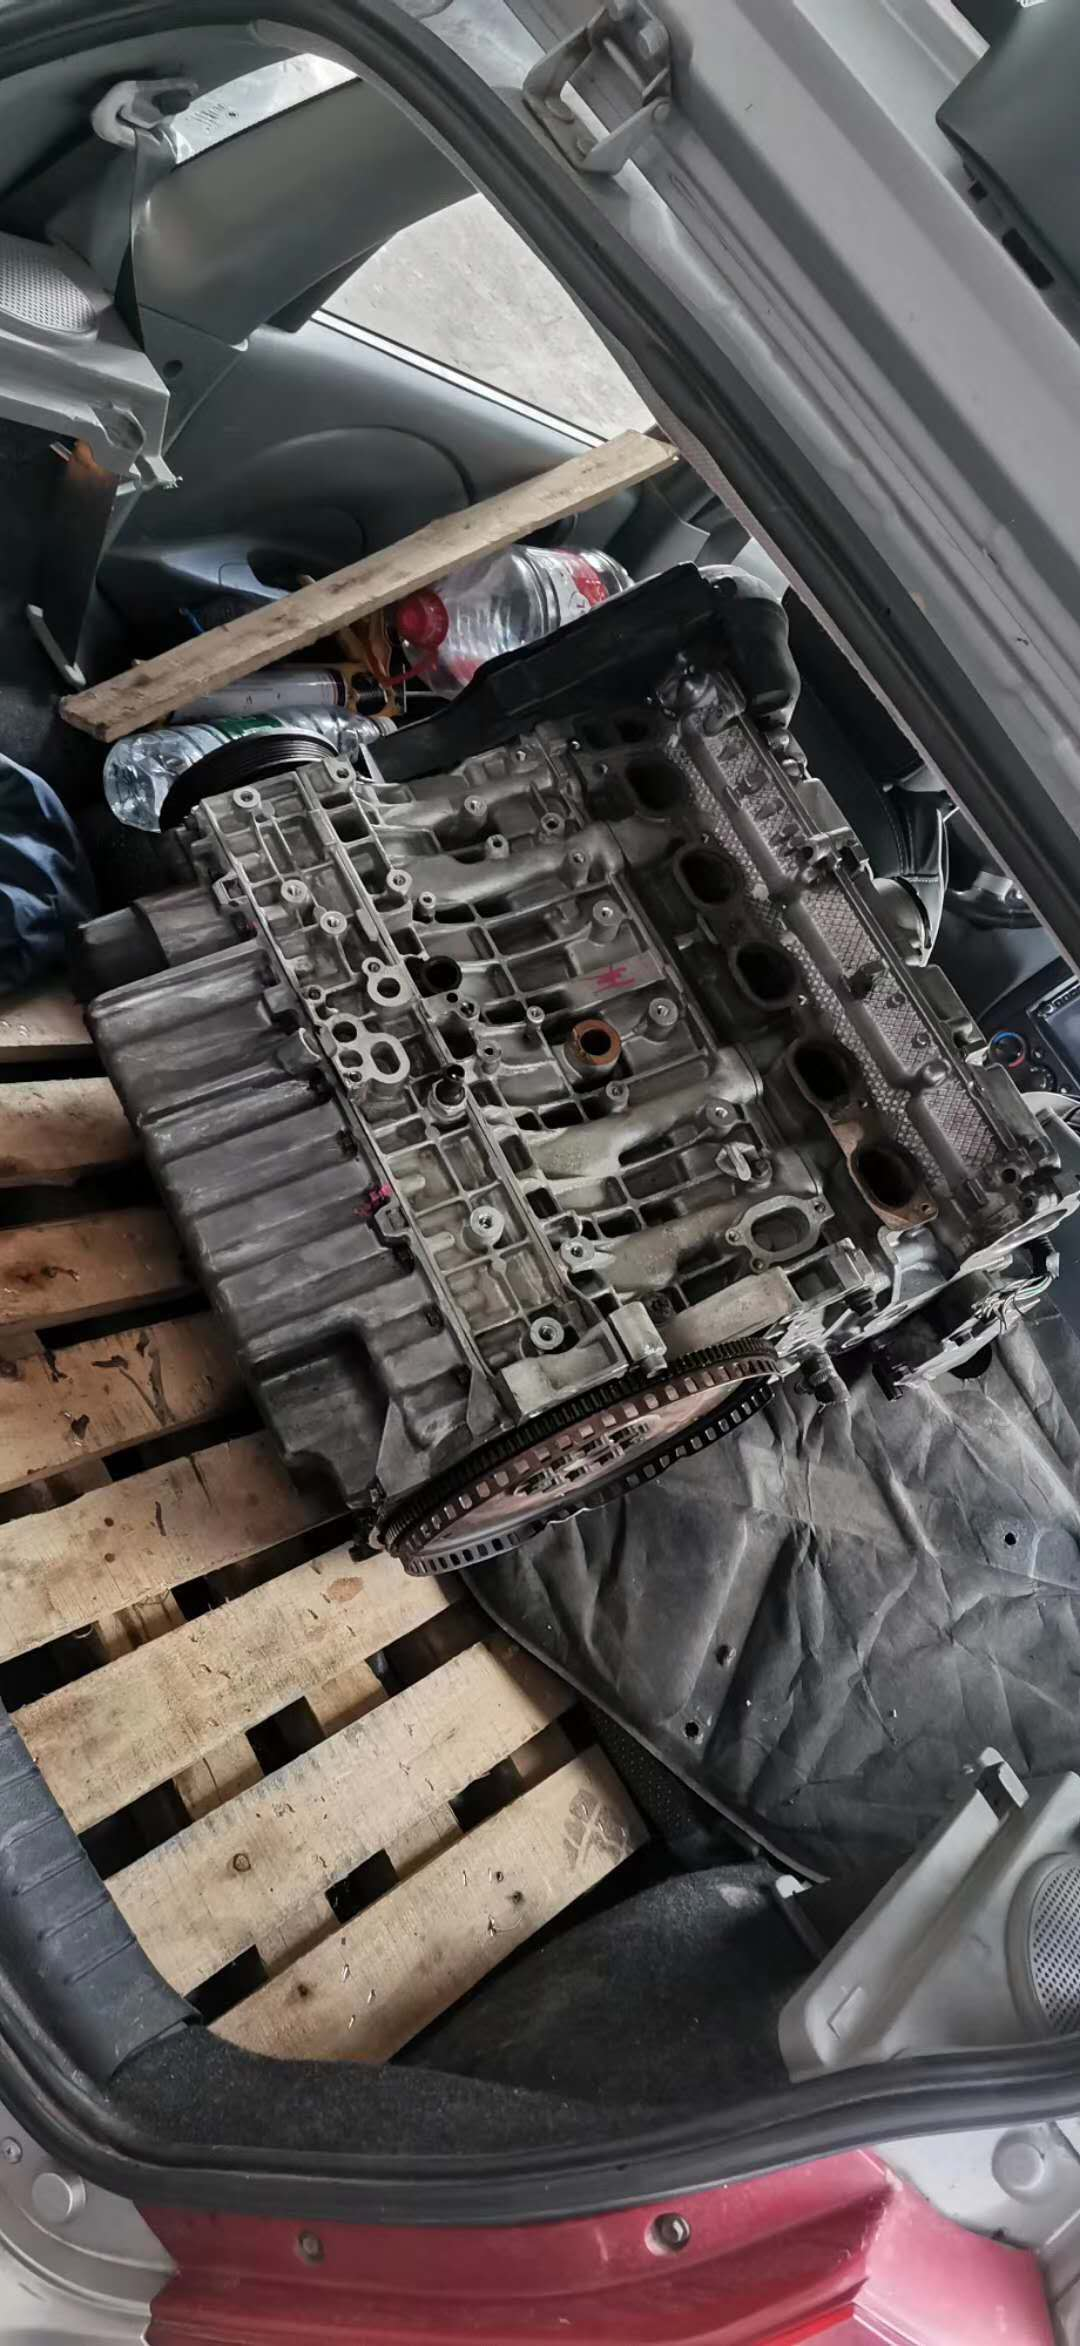 供应宝马X6宝马X5宝马X4发动机拆车件